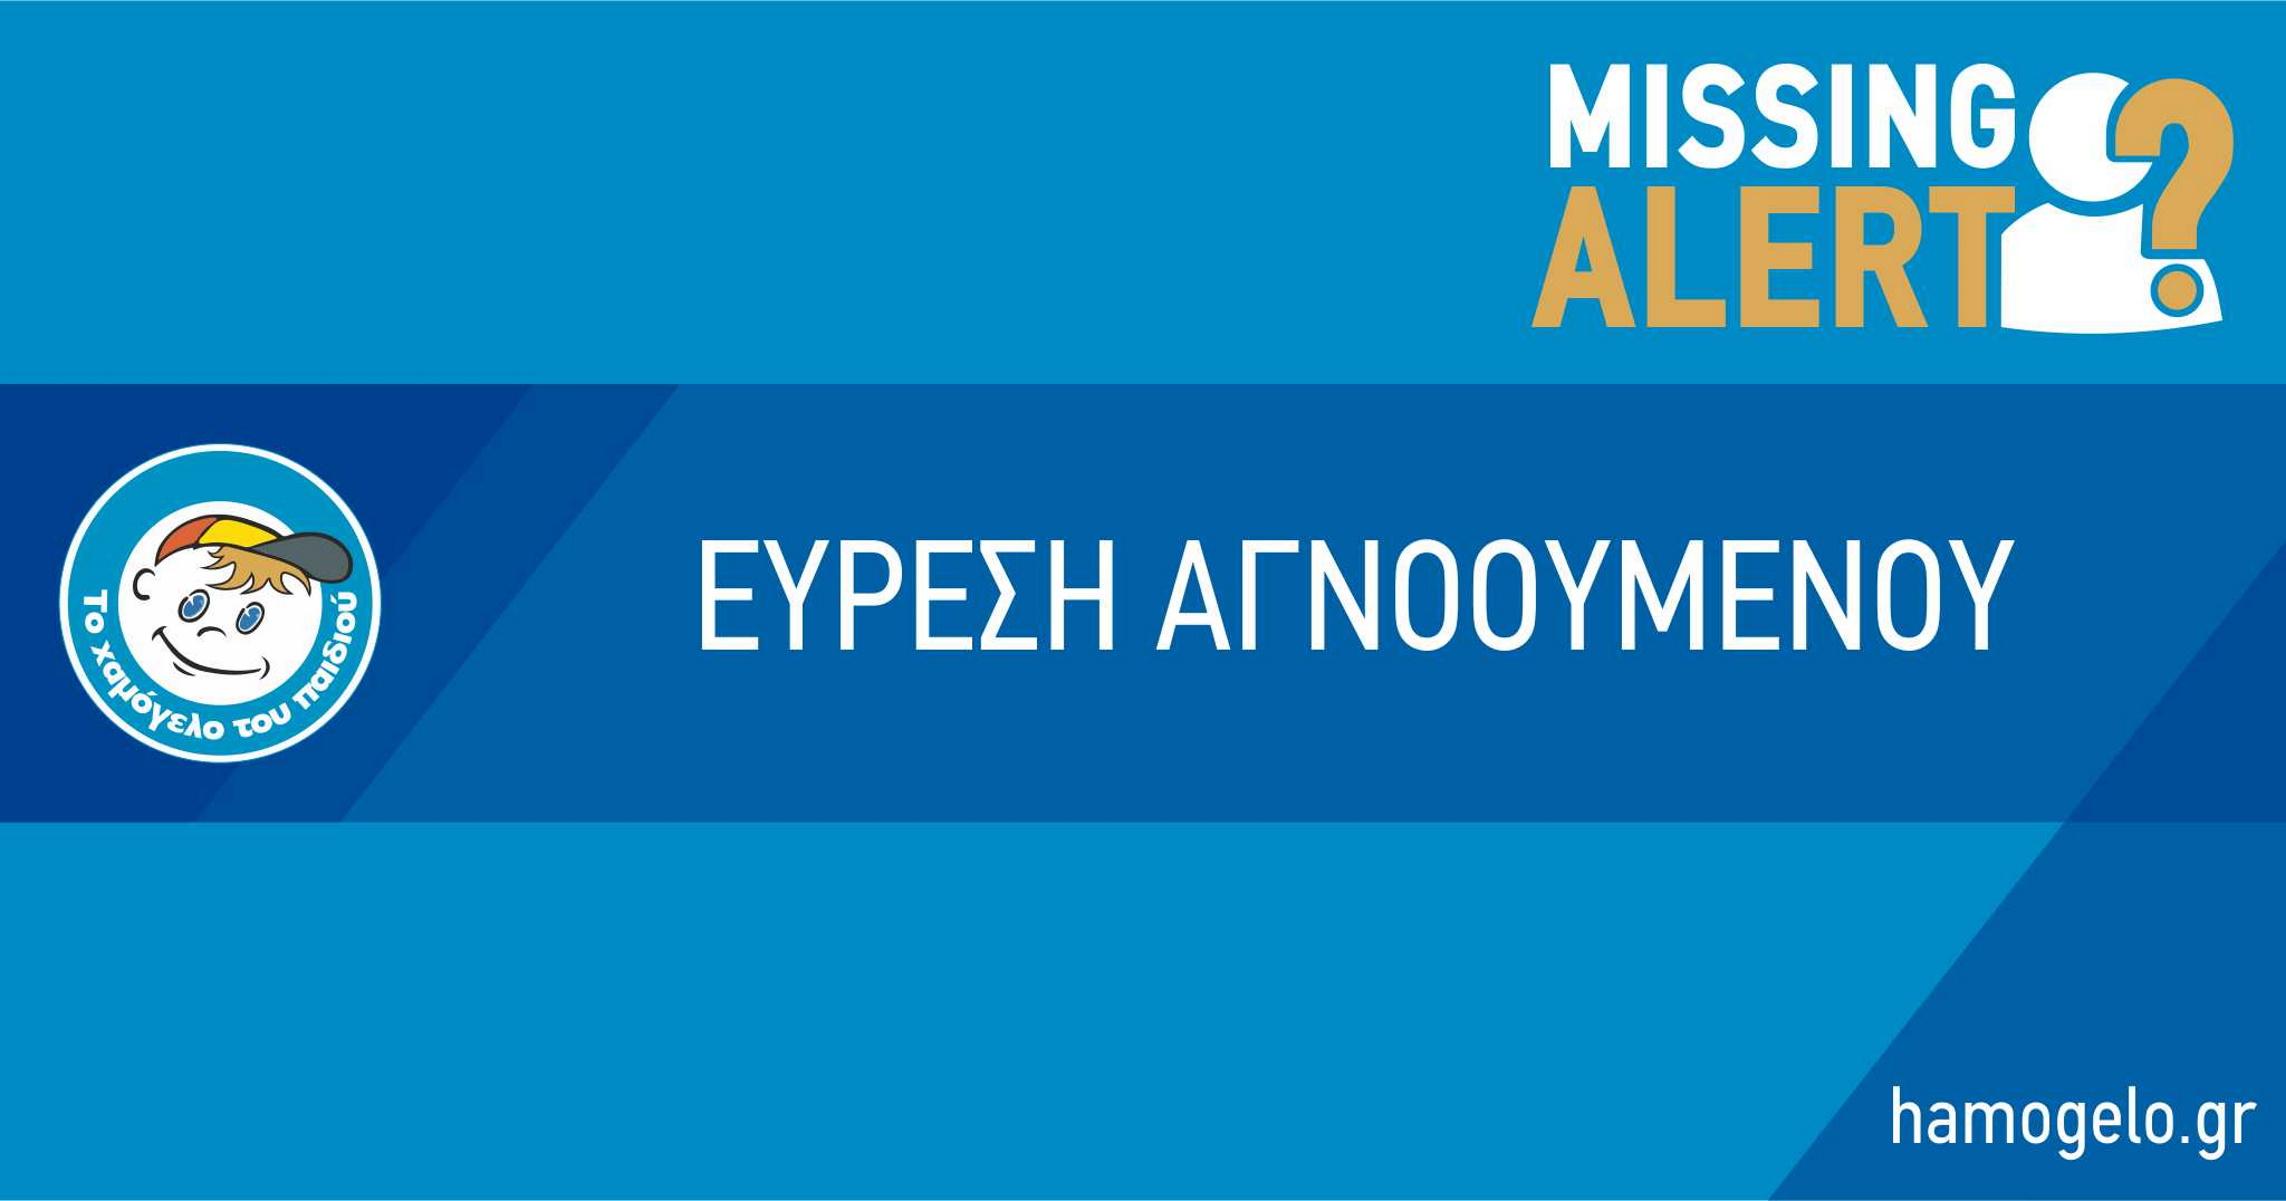 Άγιος Δημήτριος: Συναγερμός για την εξαφάνιση 55χρονης